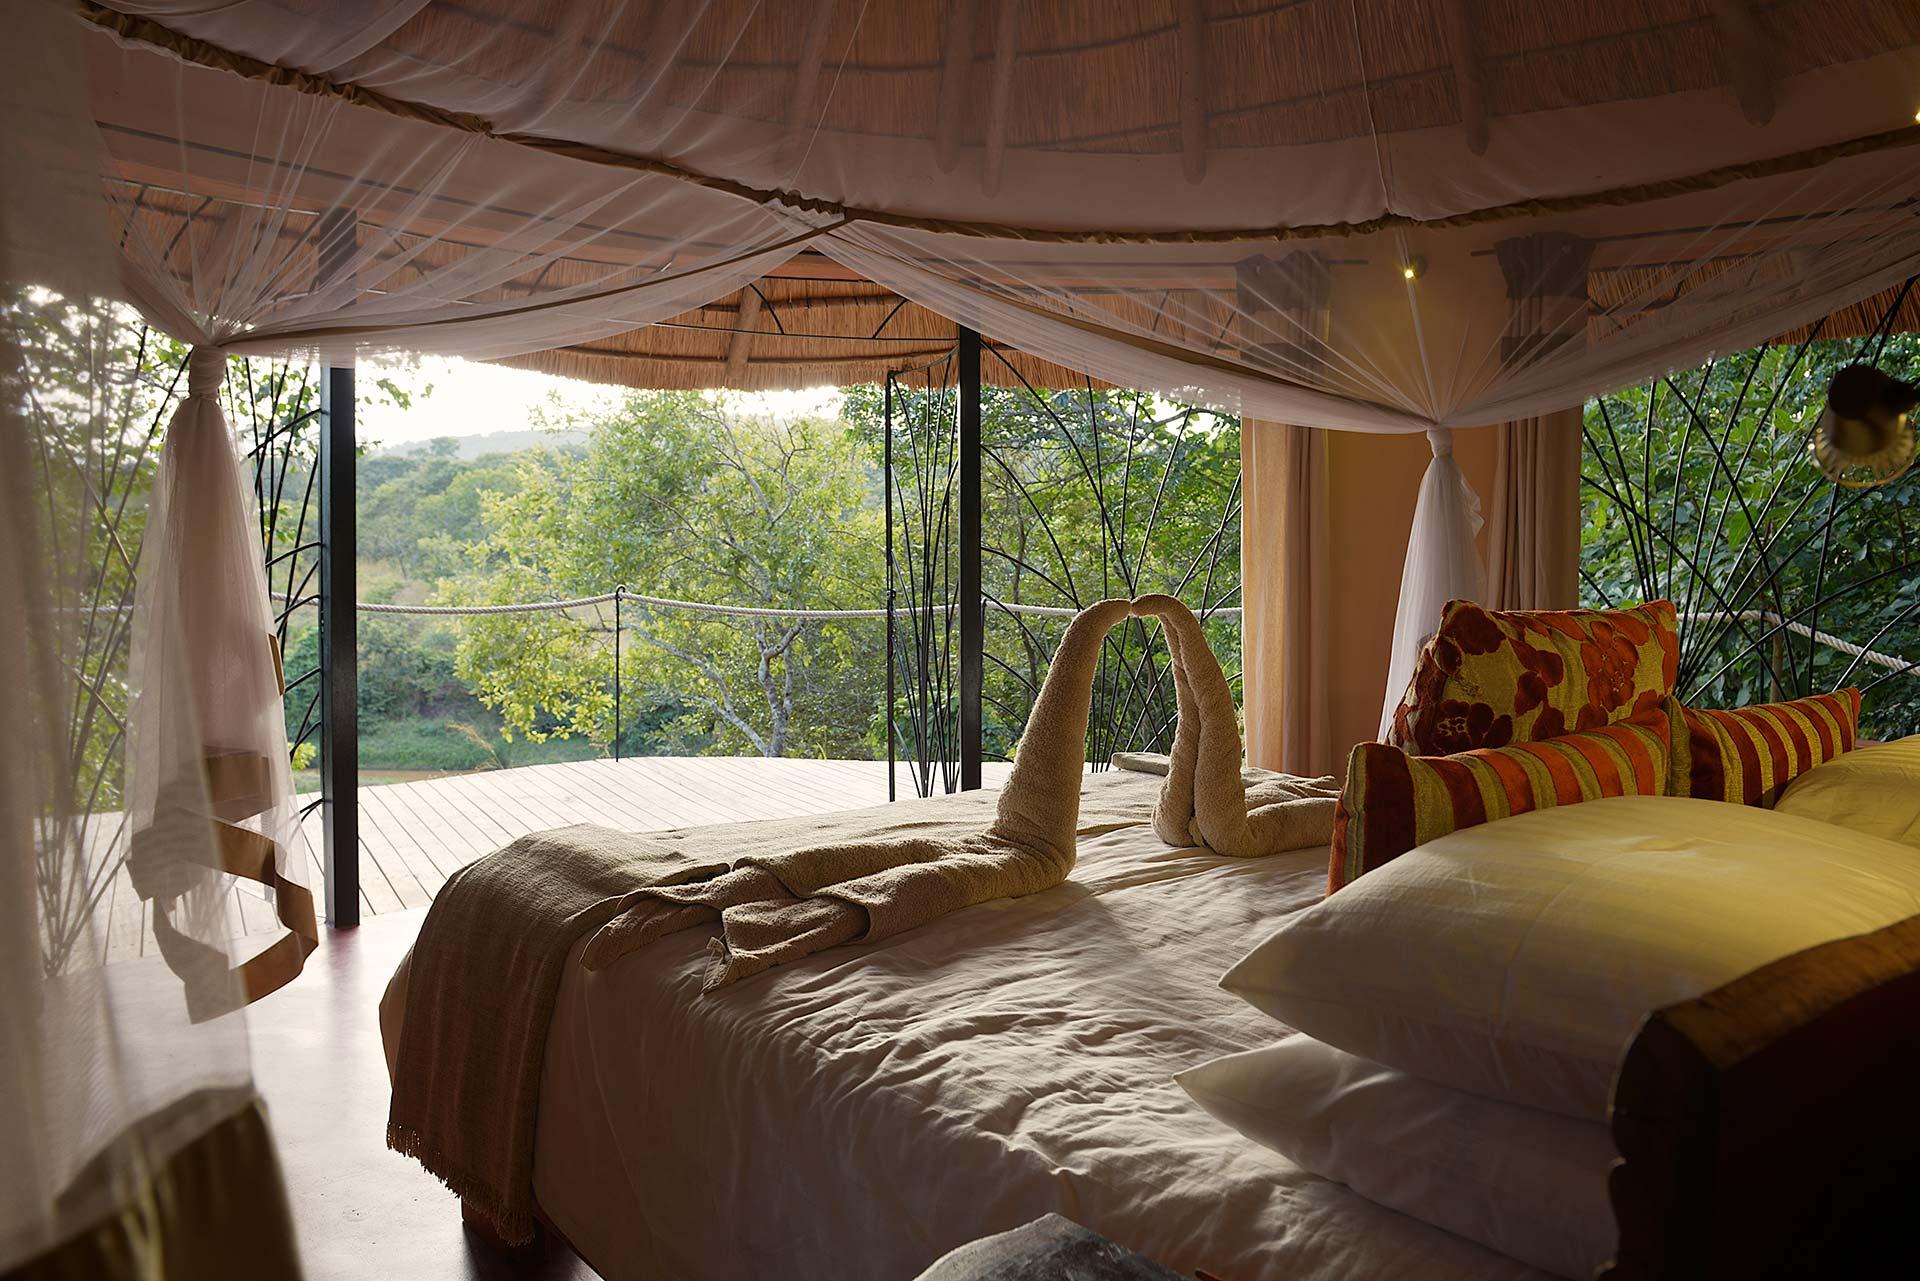 Luxury accommodation Malawi